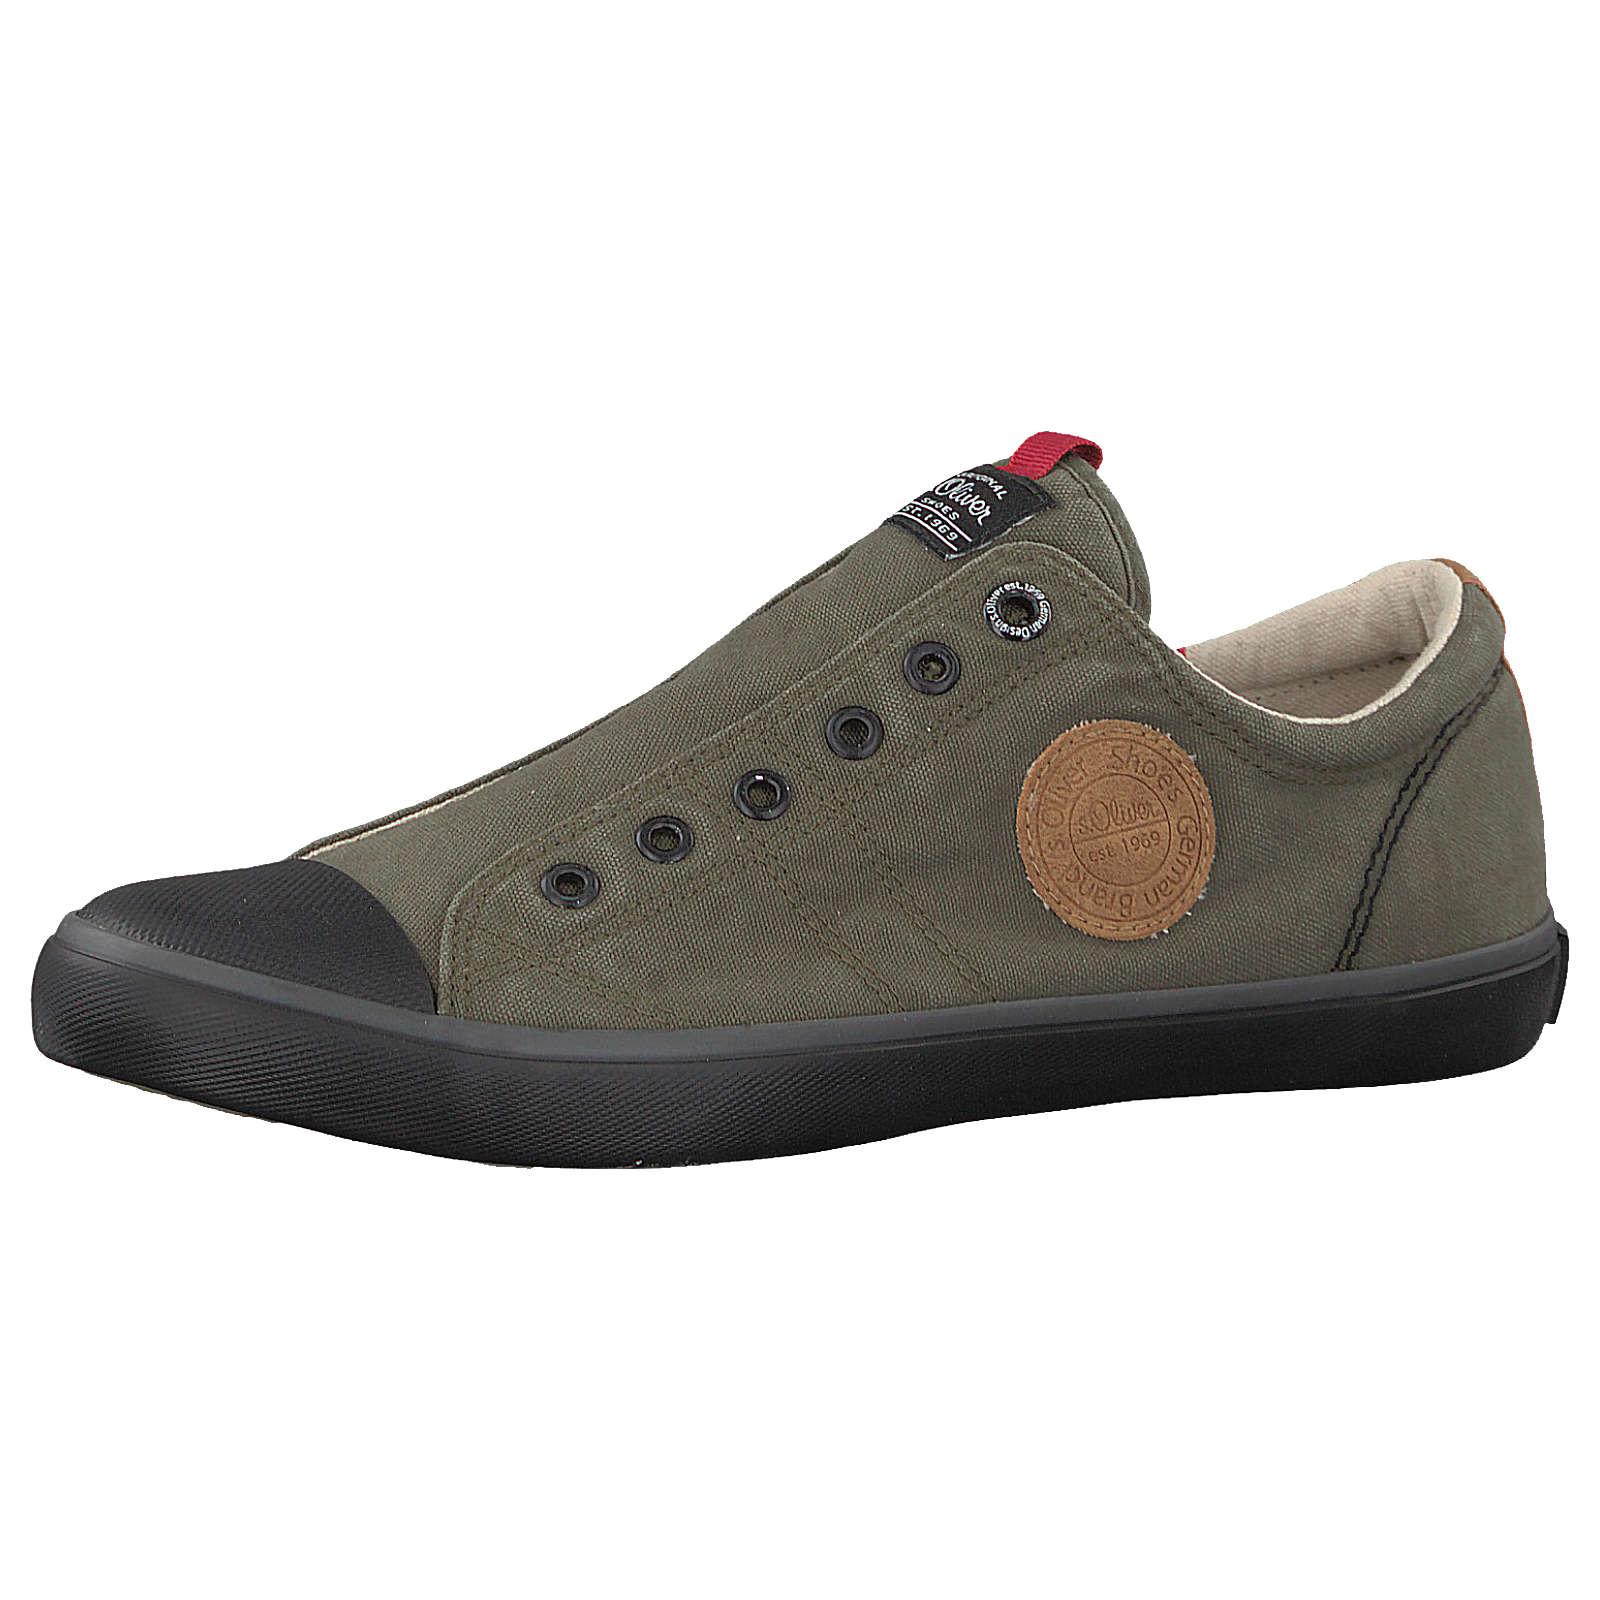 s.Oliver Slip-On-Sneaker khaki Herren Gr. 45